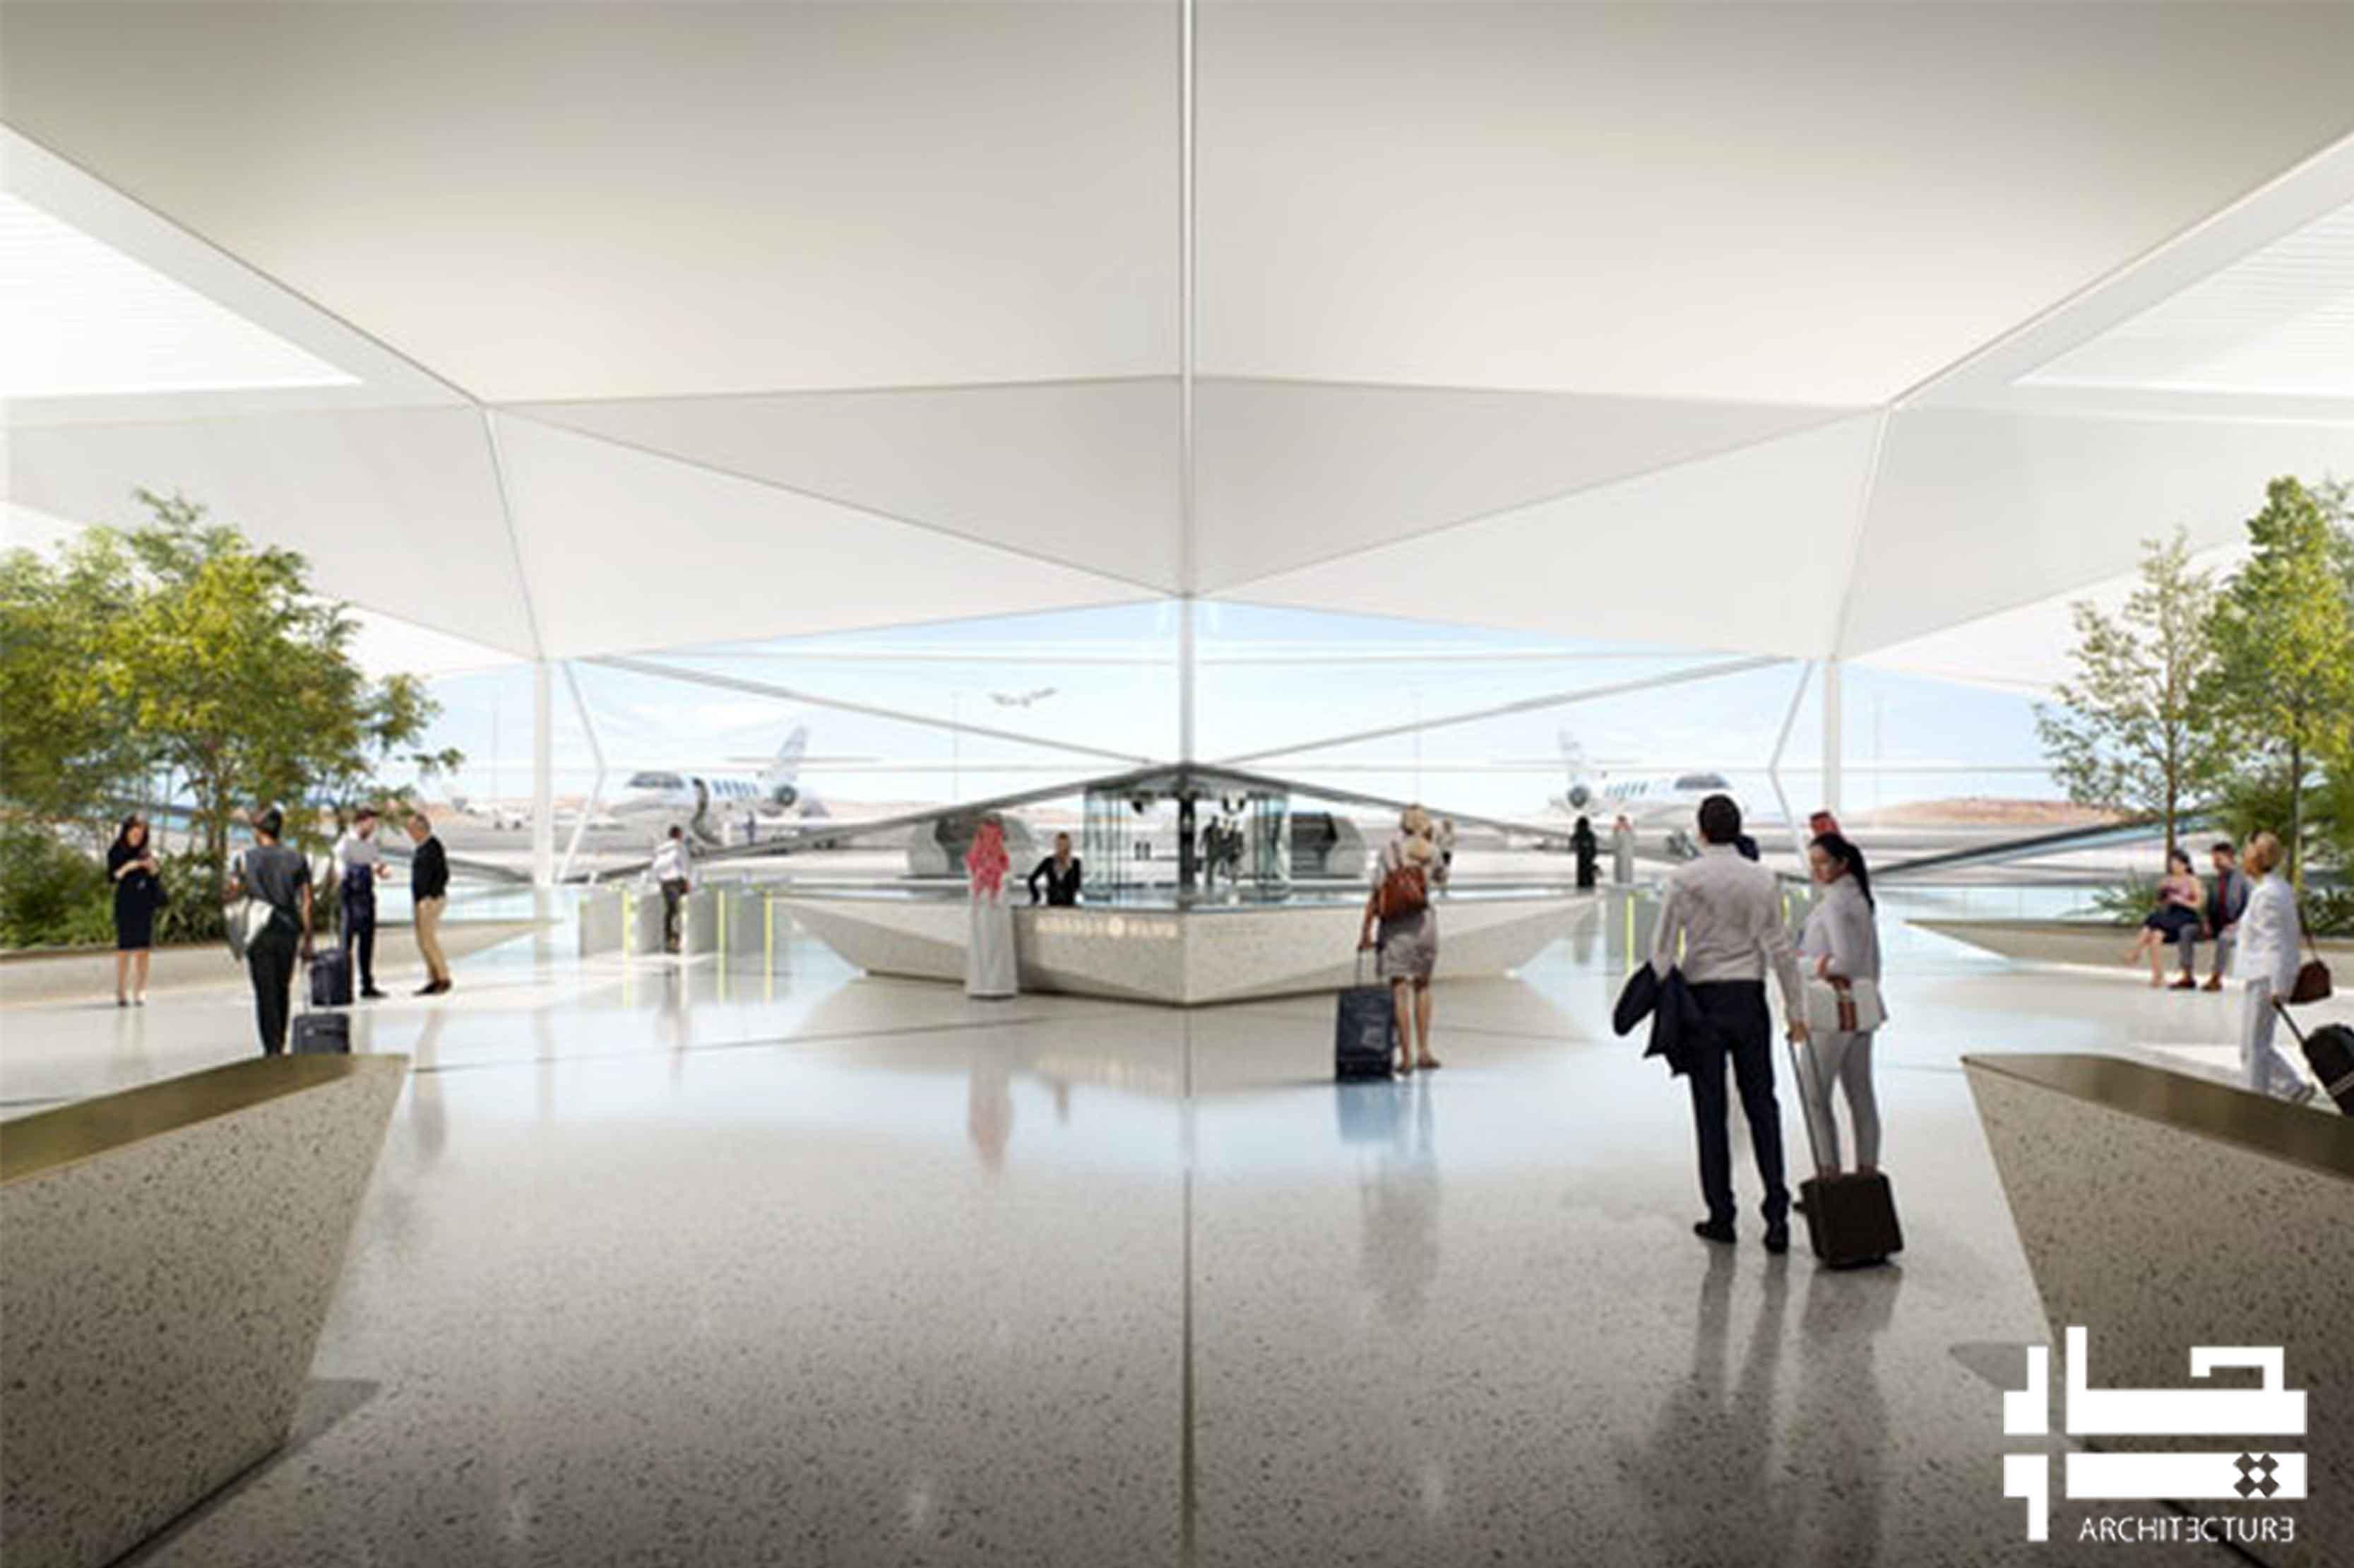 فرودگاه با طرح هندسی مواج و آینه